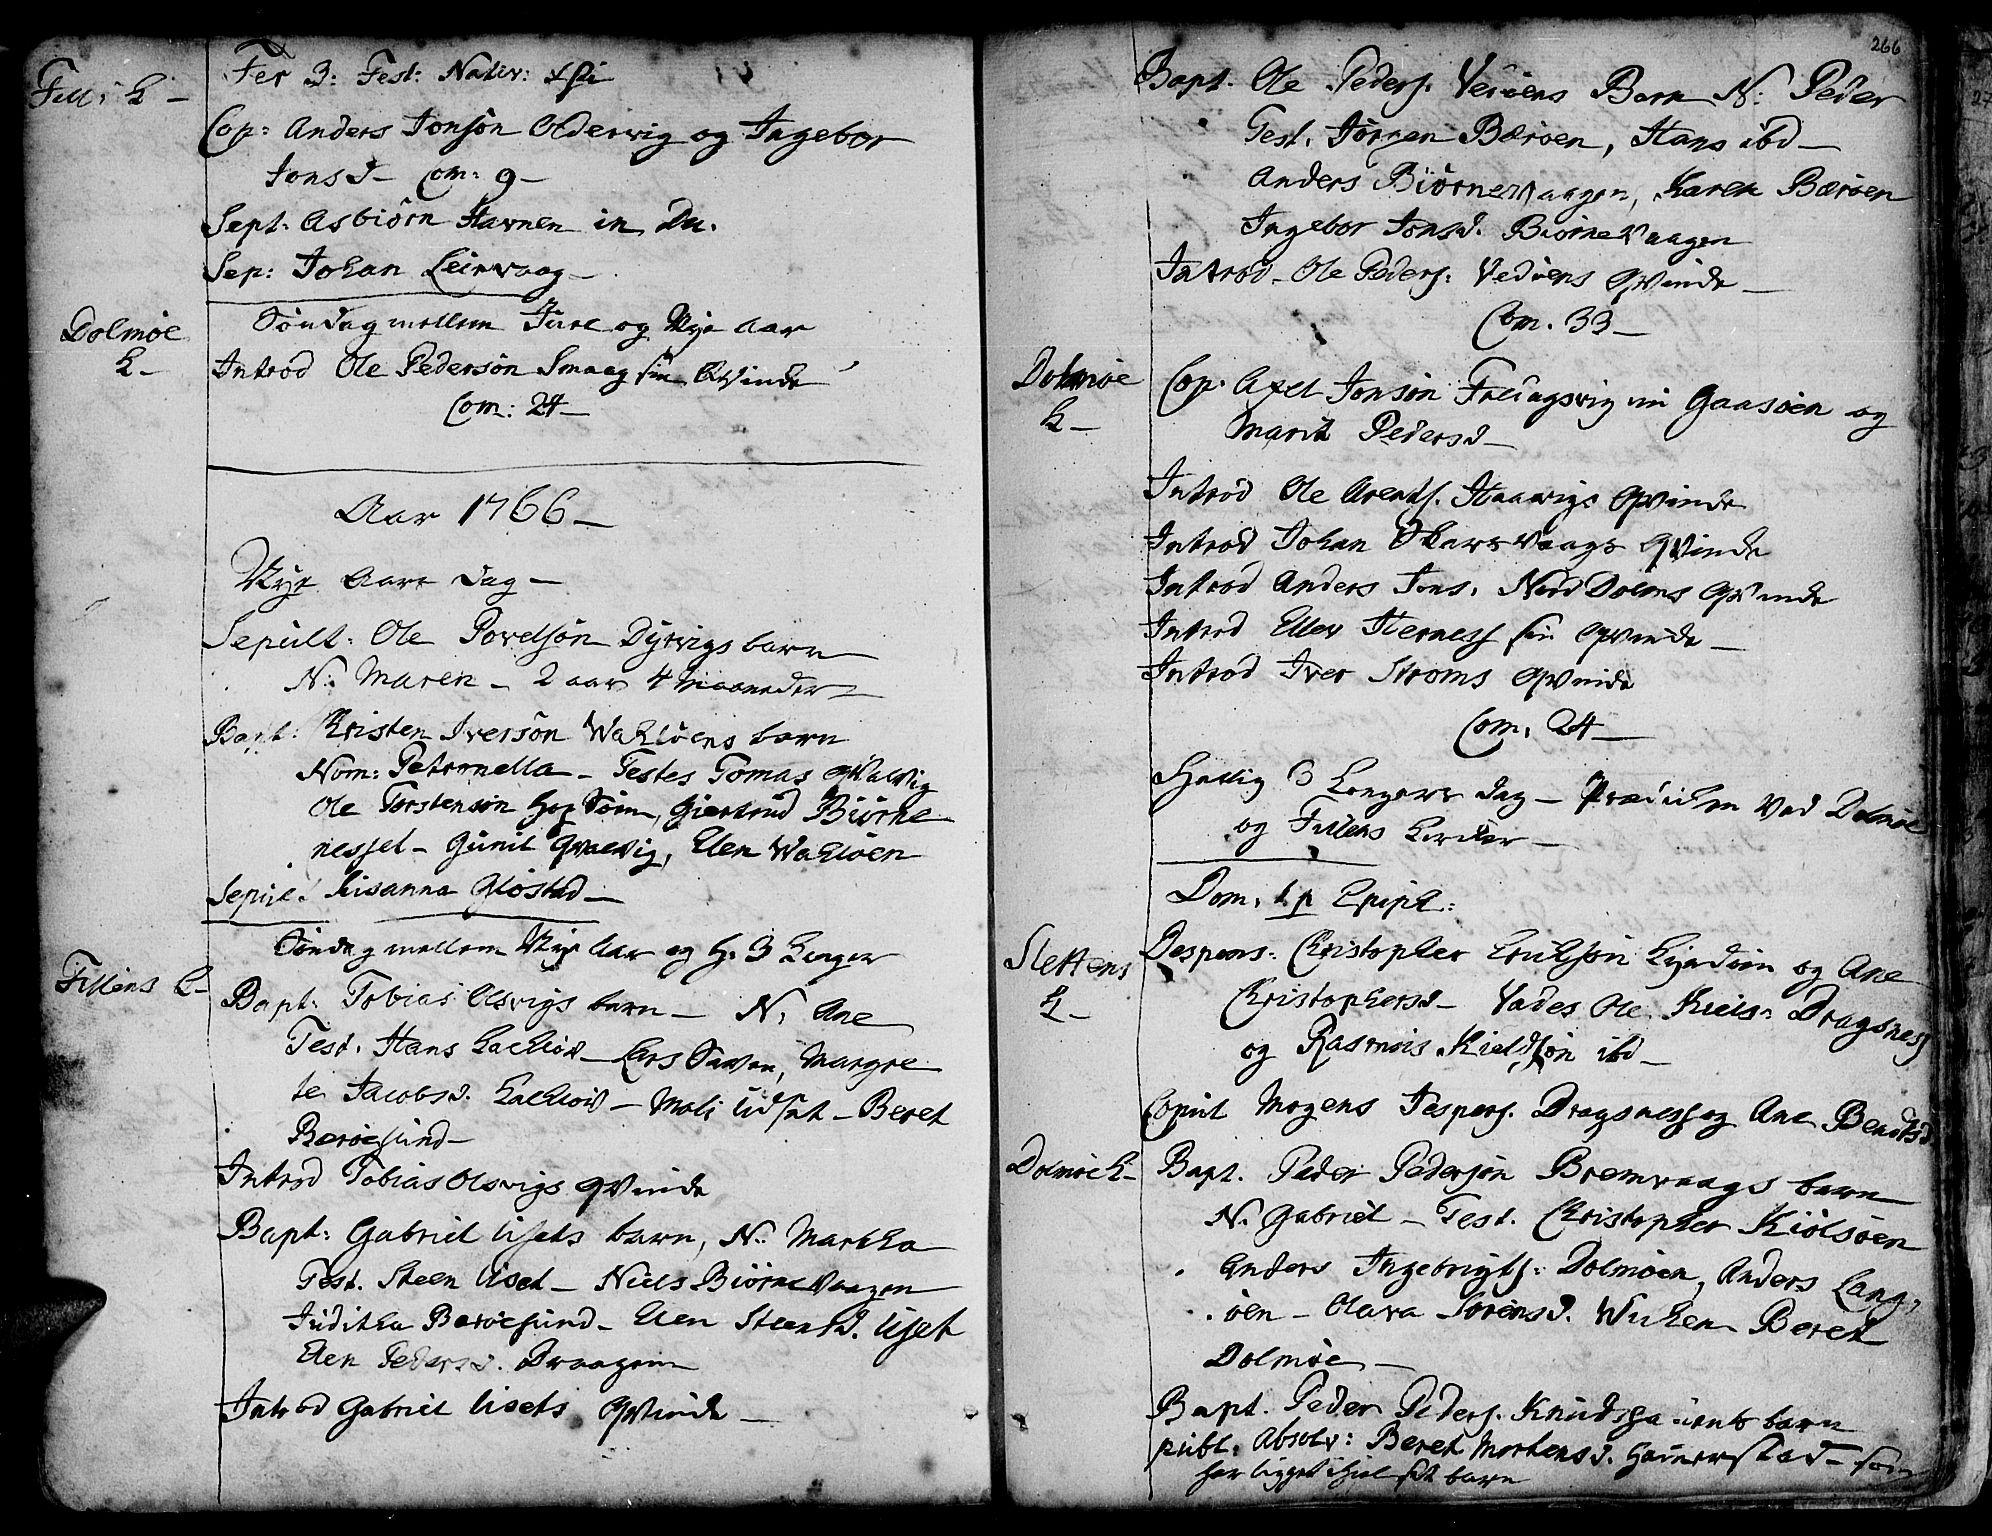 SAT, Ministerialprotokoller, klokkerbøker og fødselsregistre - Sør-Trøndelag, 634/L0525: Ministerialbok nr. 634A01, 1736-1775, s. 266